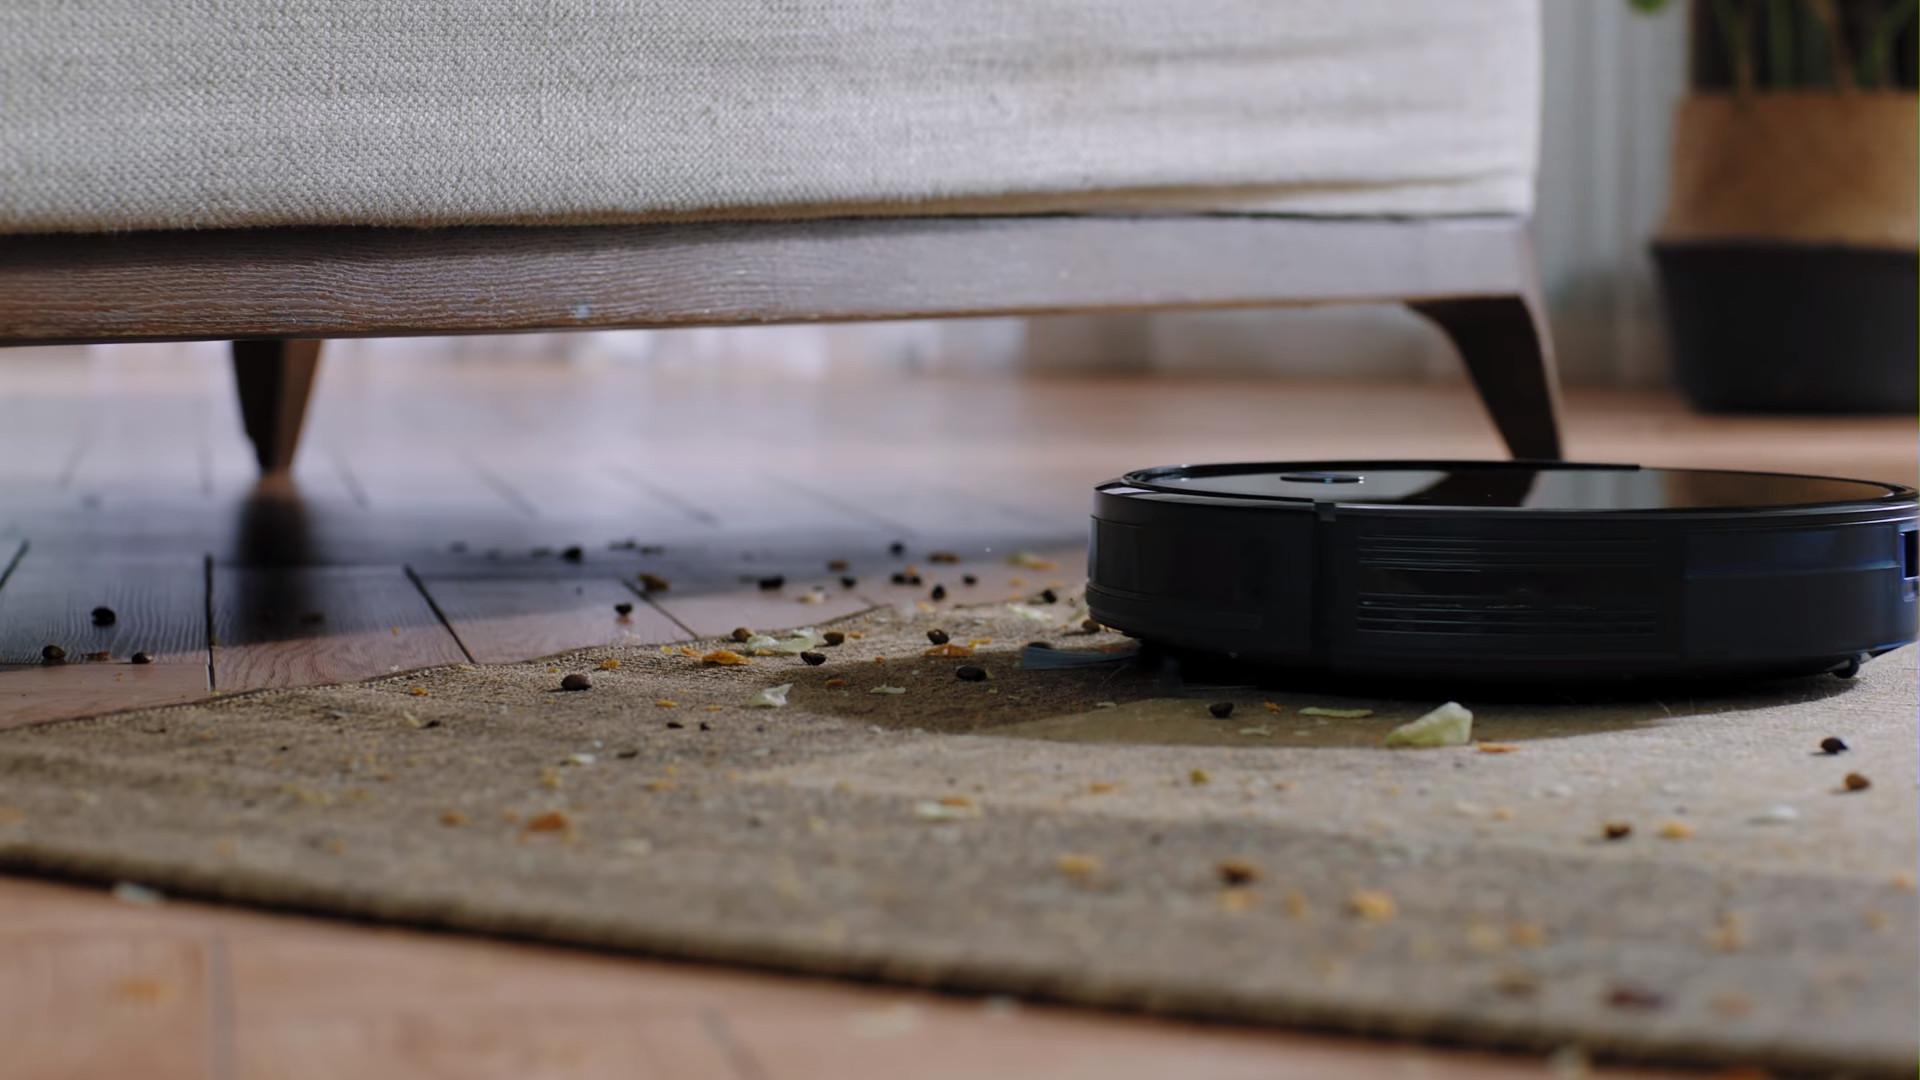 Переполненный мусоросборник- одна из причин неисправности пылесоса